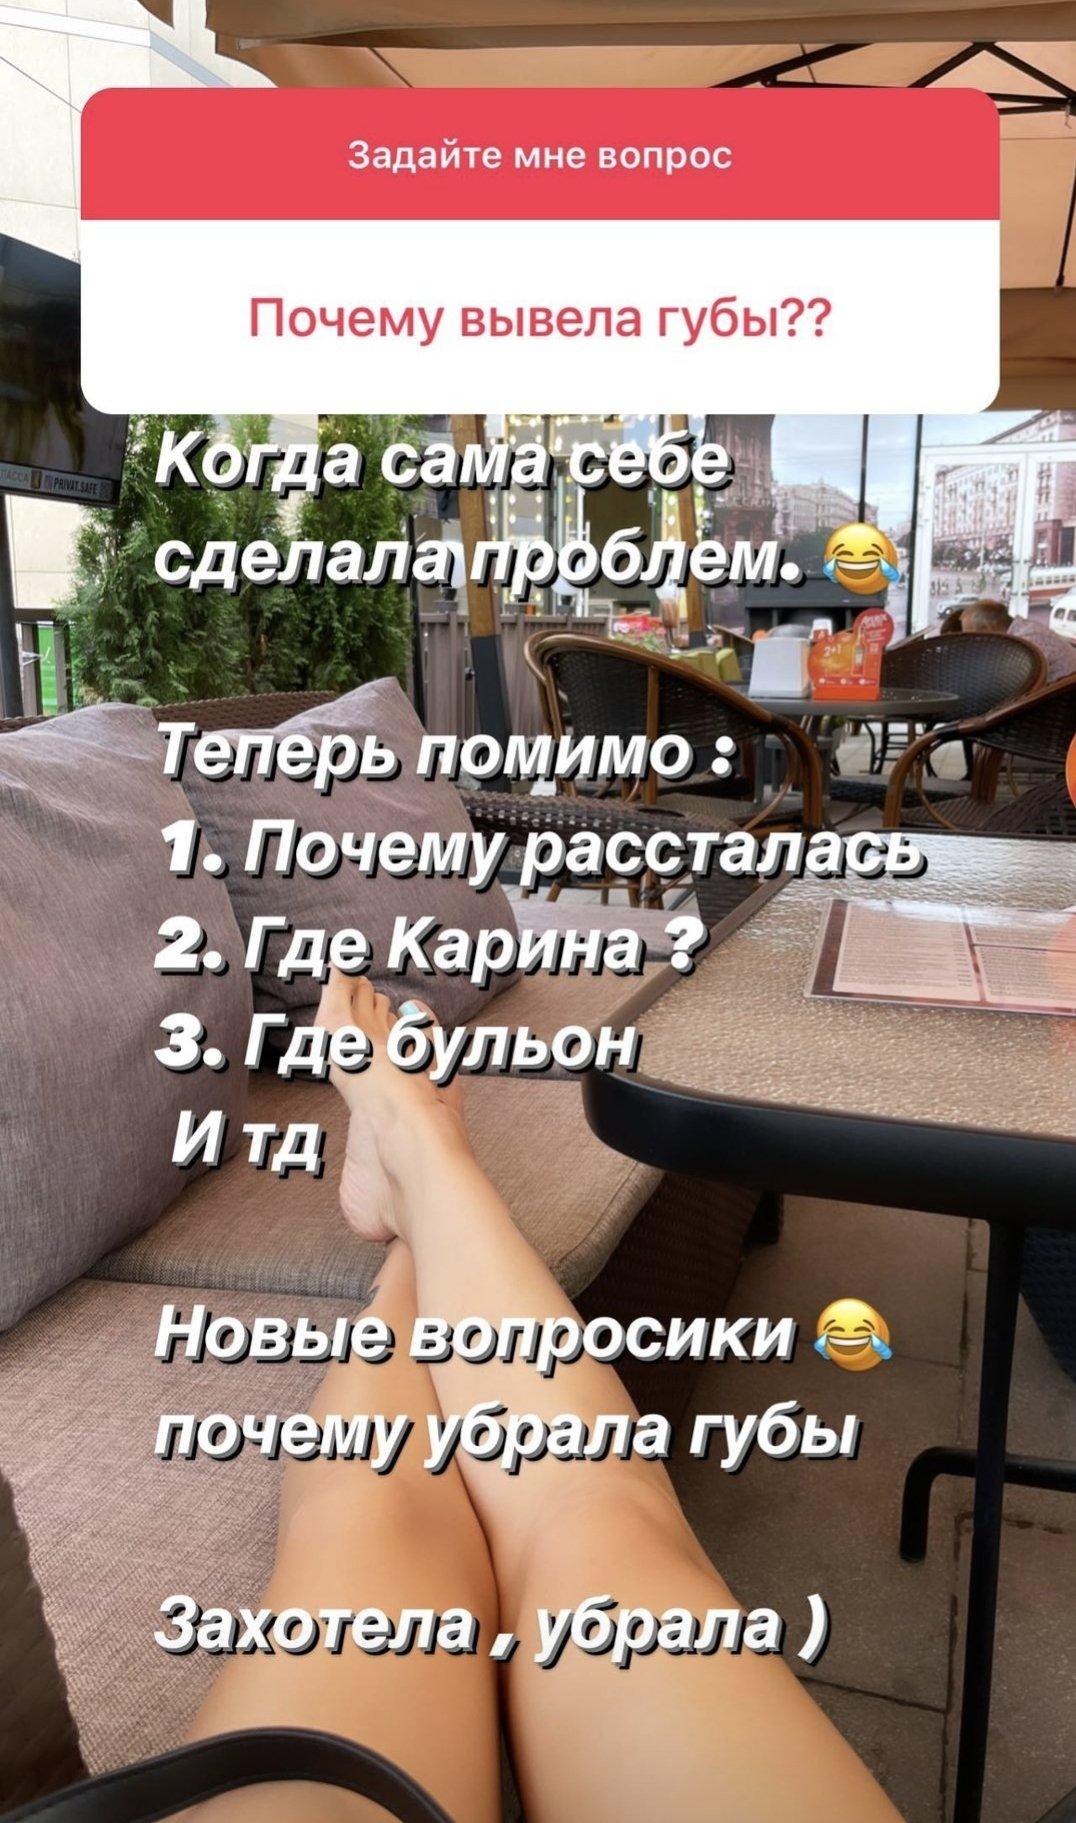 На пухлых губках Саши Кабаевой образовался большой синяк. Откуда он?